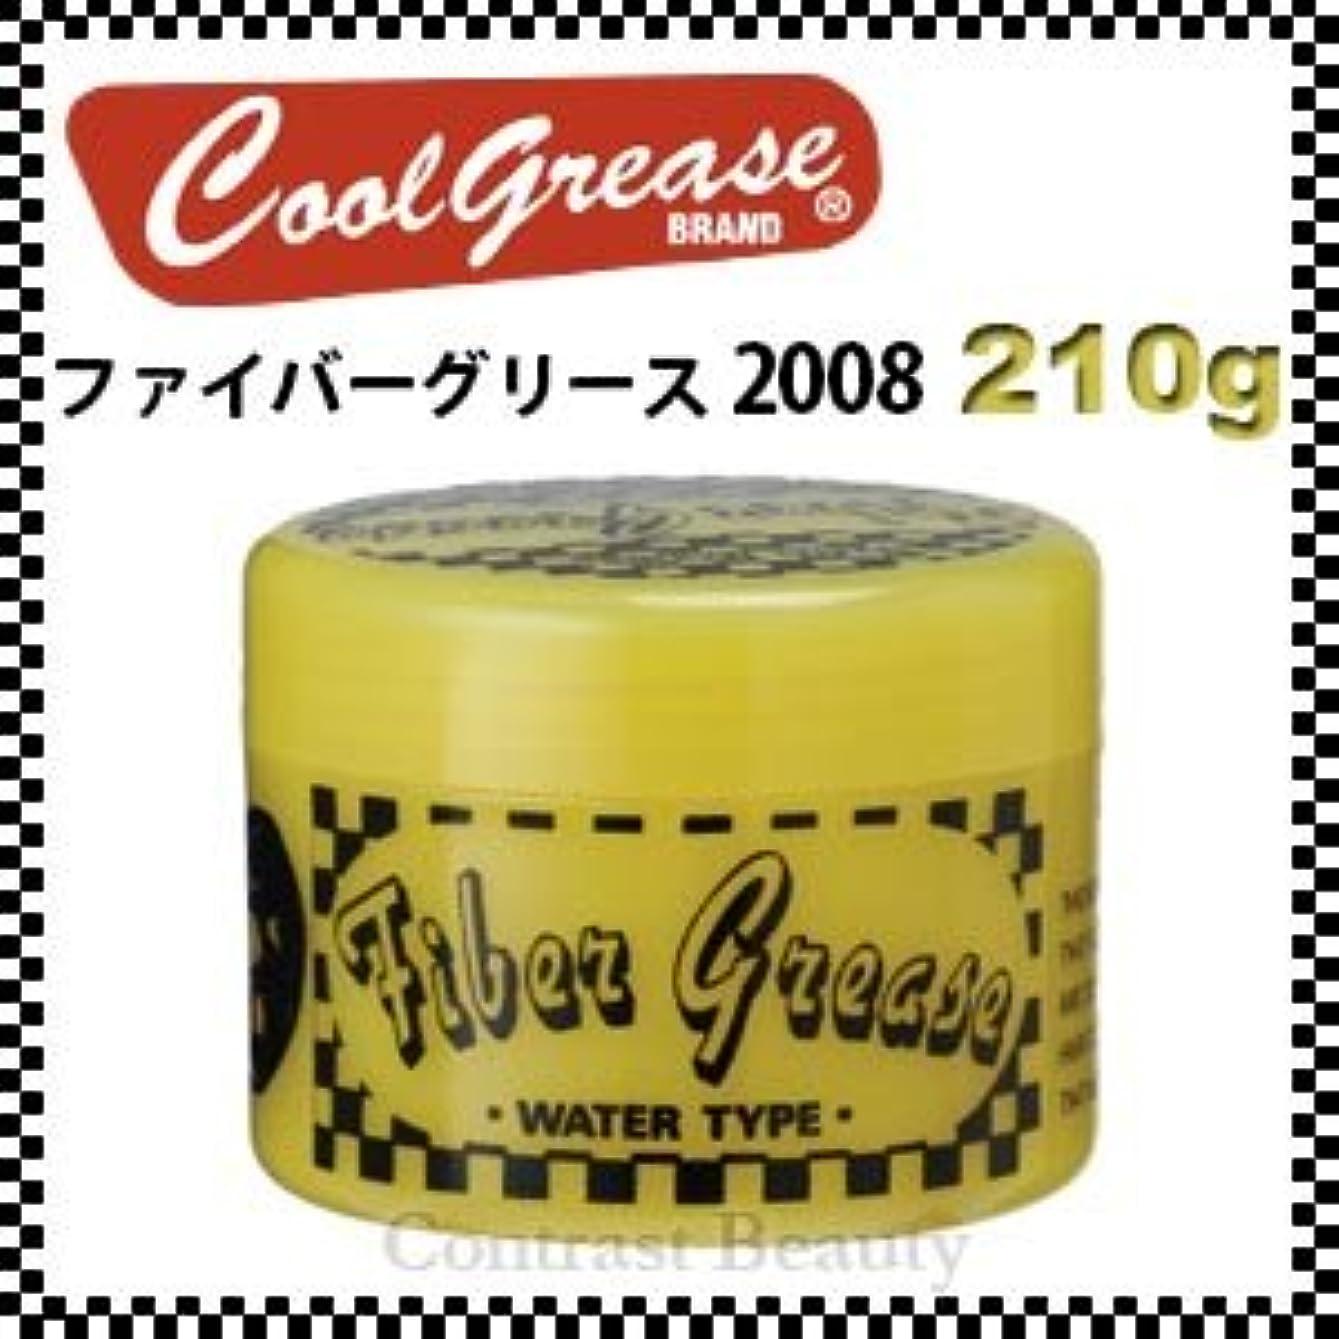 俳優ラベケーブル【X3個セット】 阪本高生堂 ファイバーグリース 2008 210g